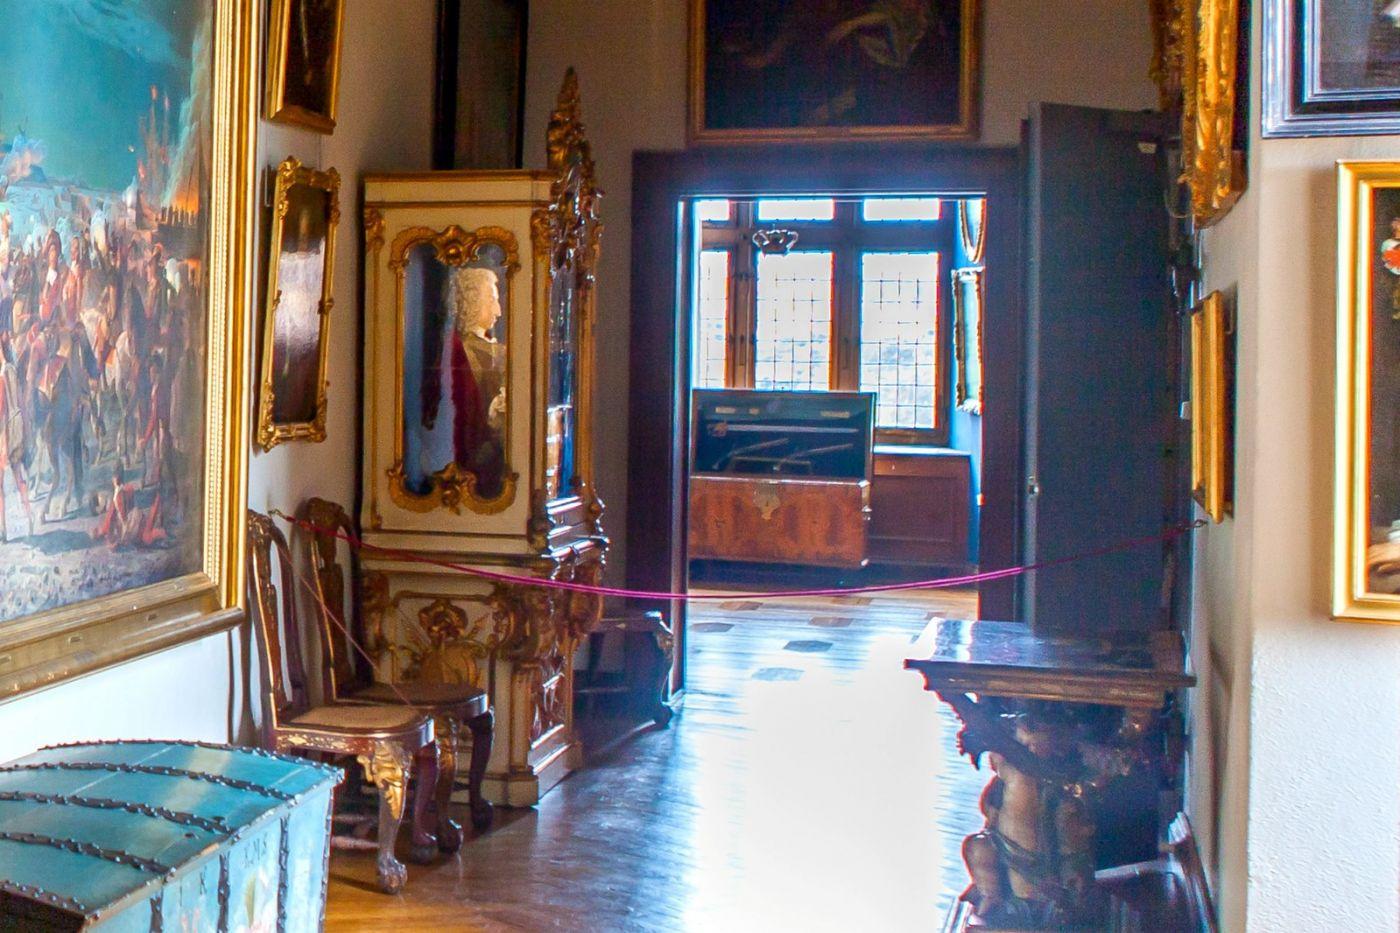 丹麦腓特烈堡城堡,金碧辉煌的大厅_图1-4